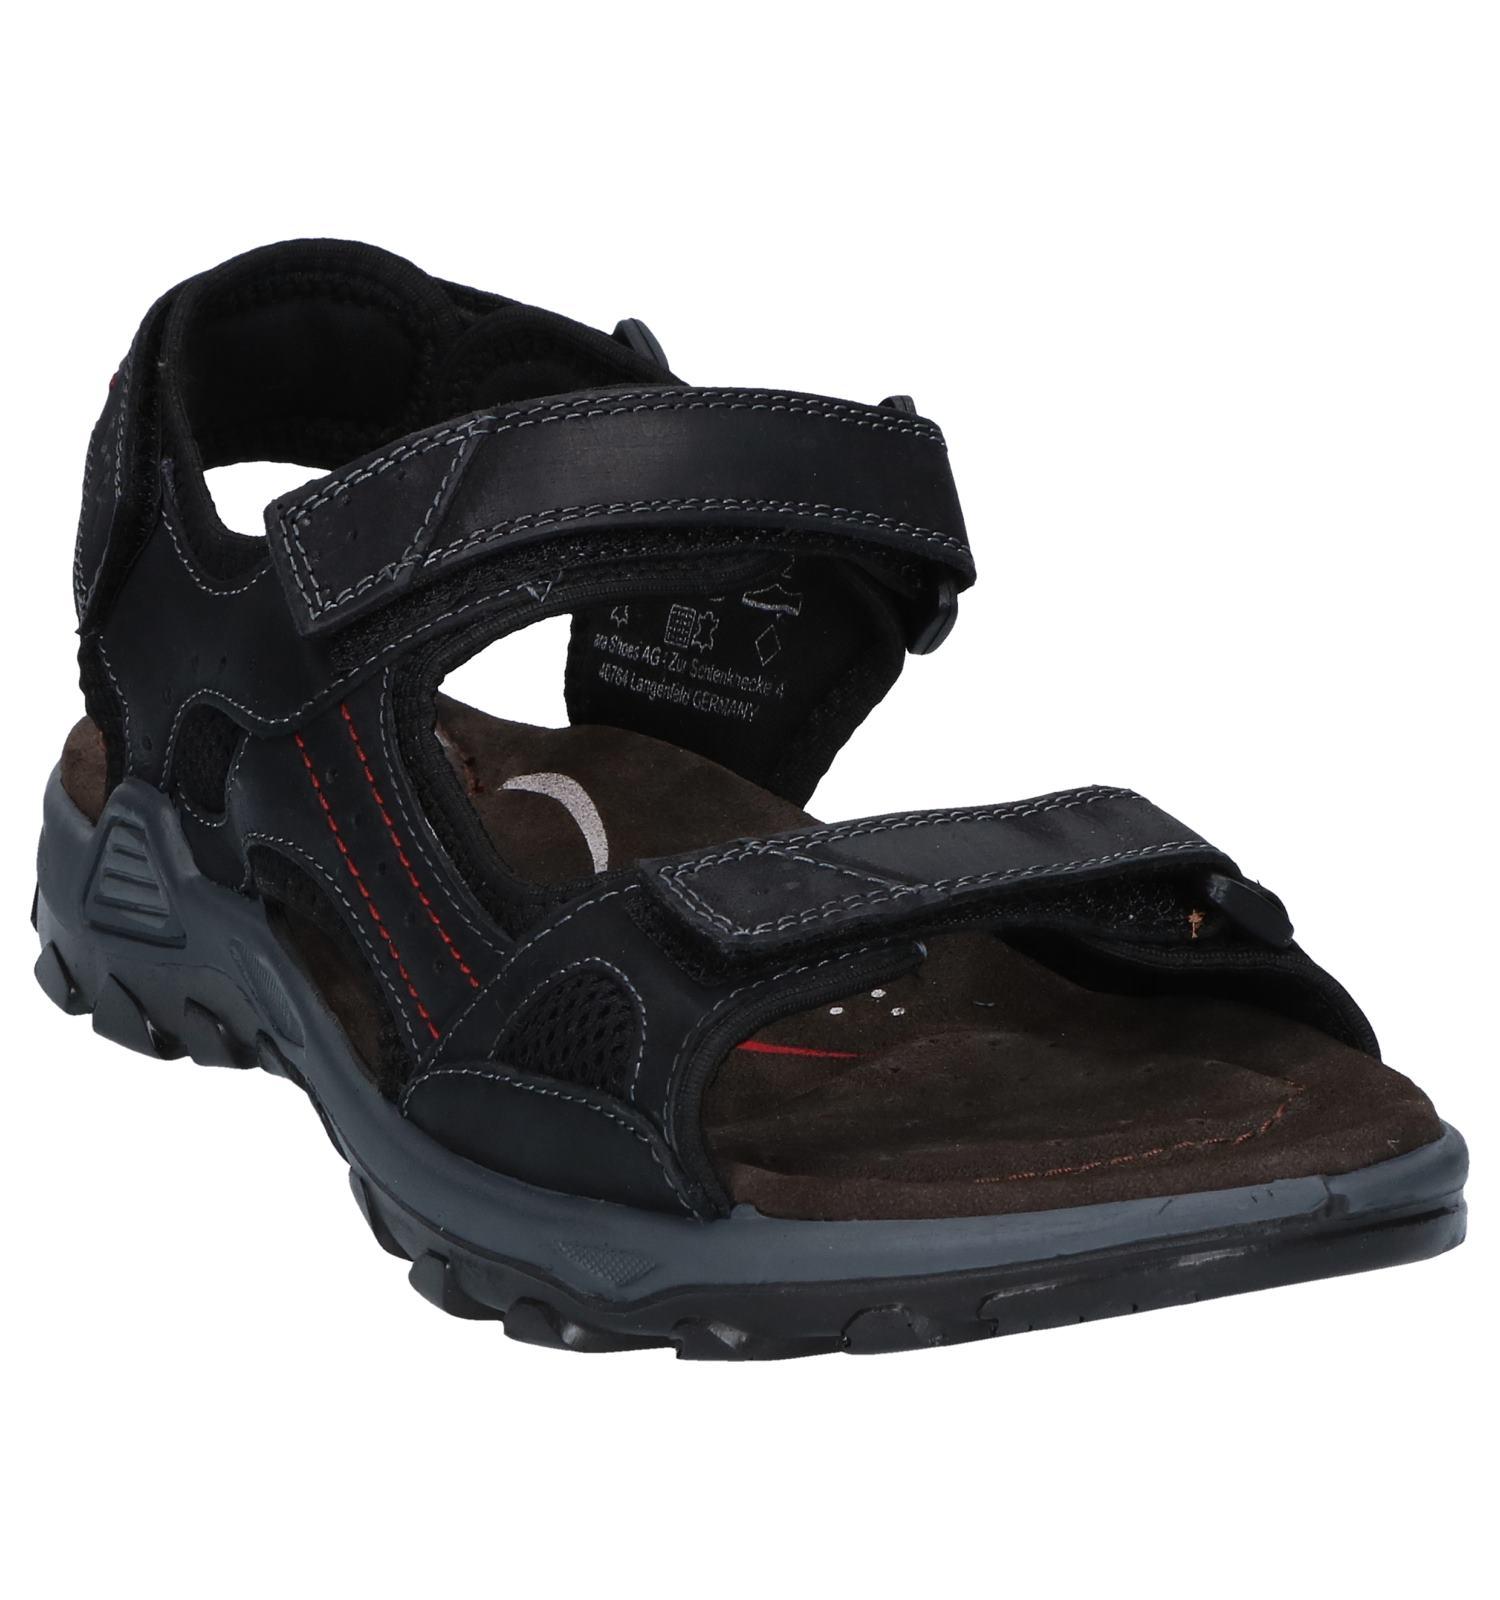 Sandalen Ara Ericsen Zwarte Ericsen Sandalen Ara Sandalen Zwarte Sandalen Ara Zwarte Zwarte Ericsen Y7gy6Ifbv